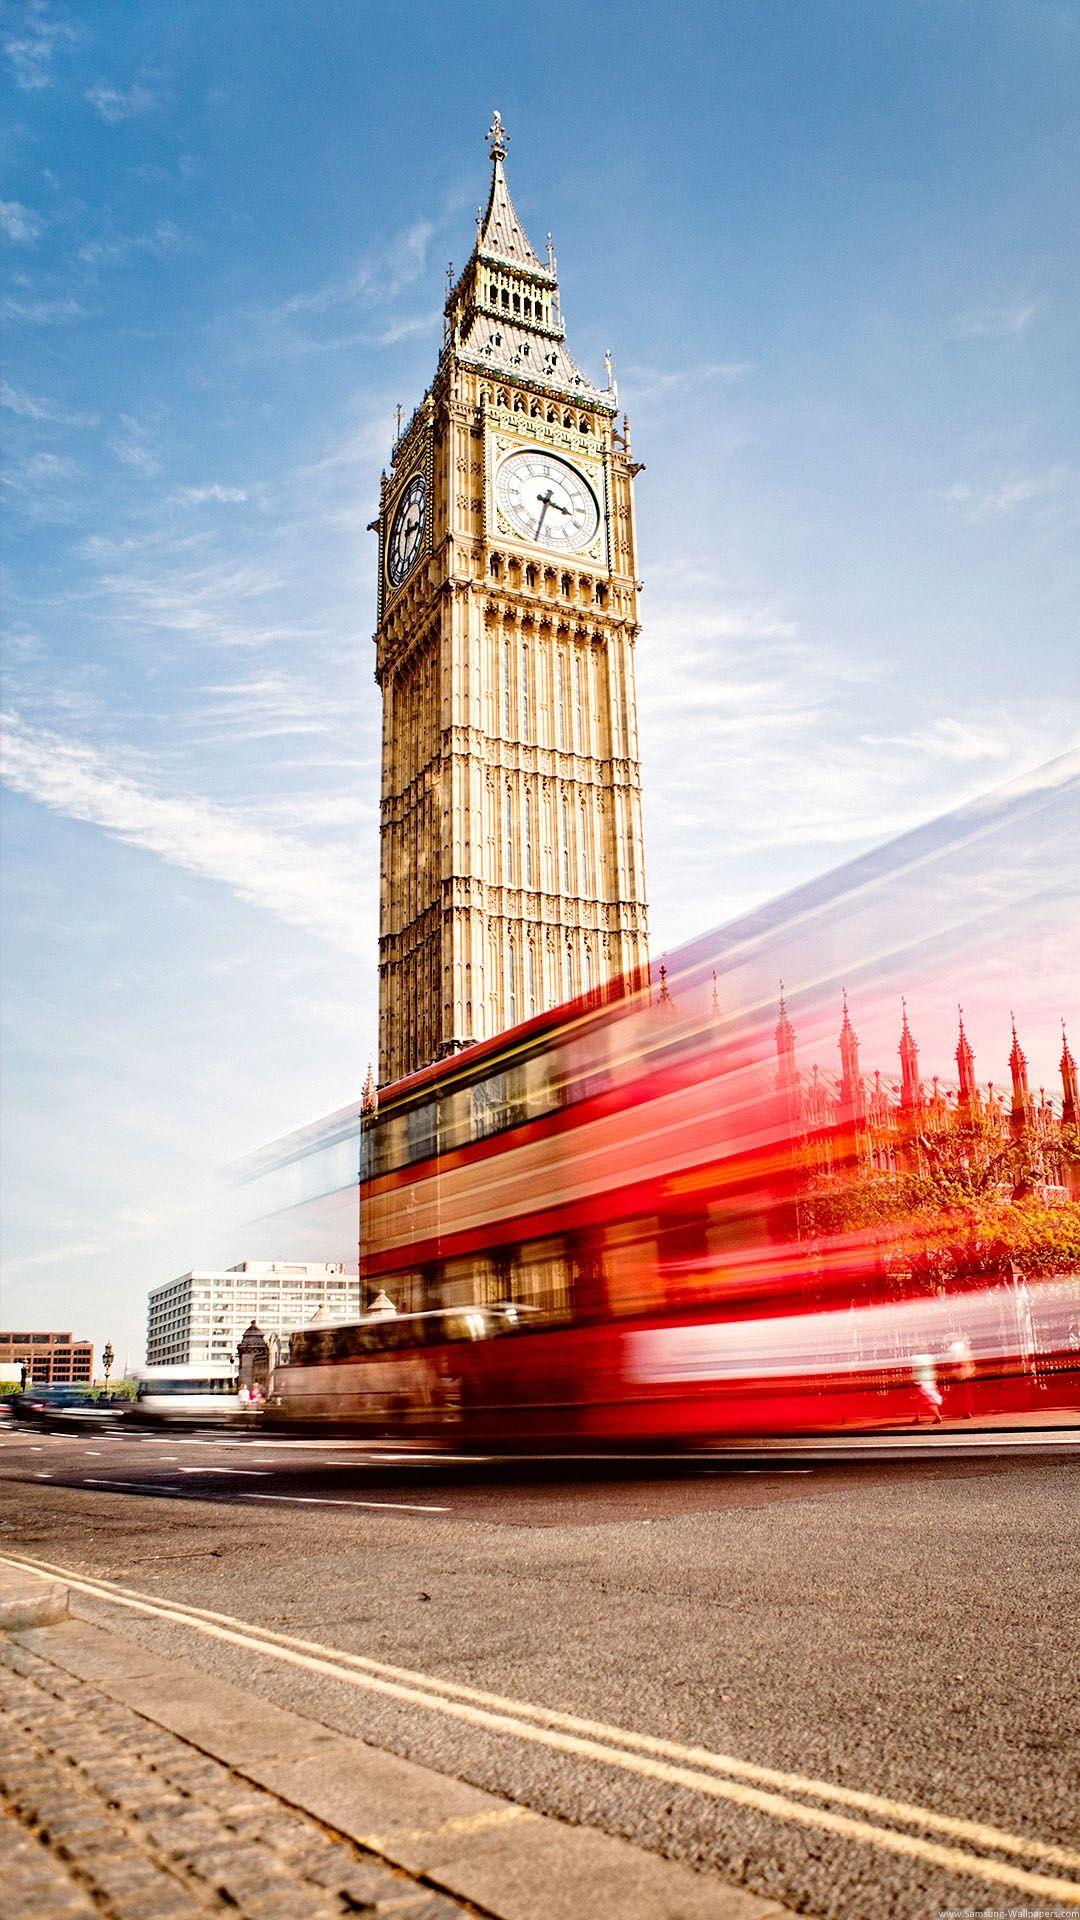 Iphone 6 Plus Wallpaper London 01 2020 ロンドン 壁紙 旅行